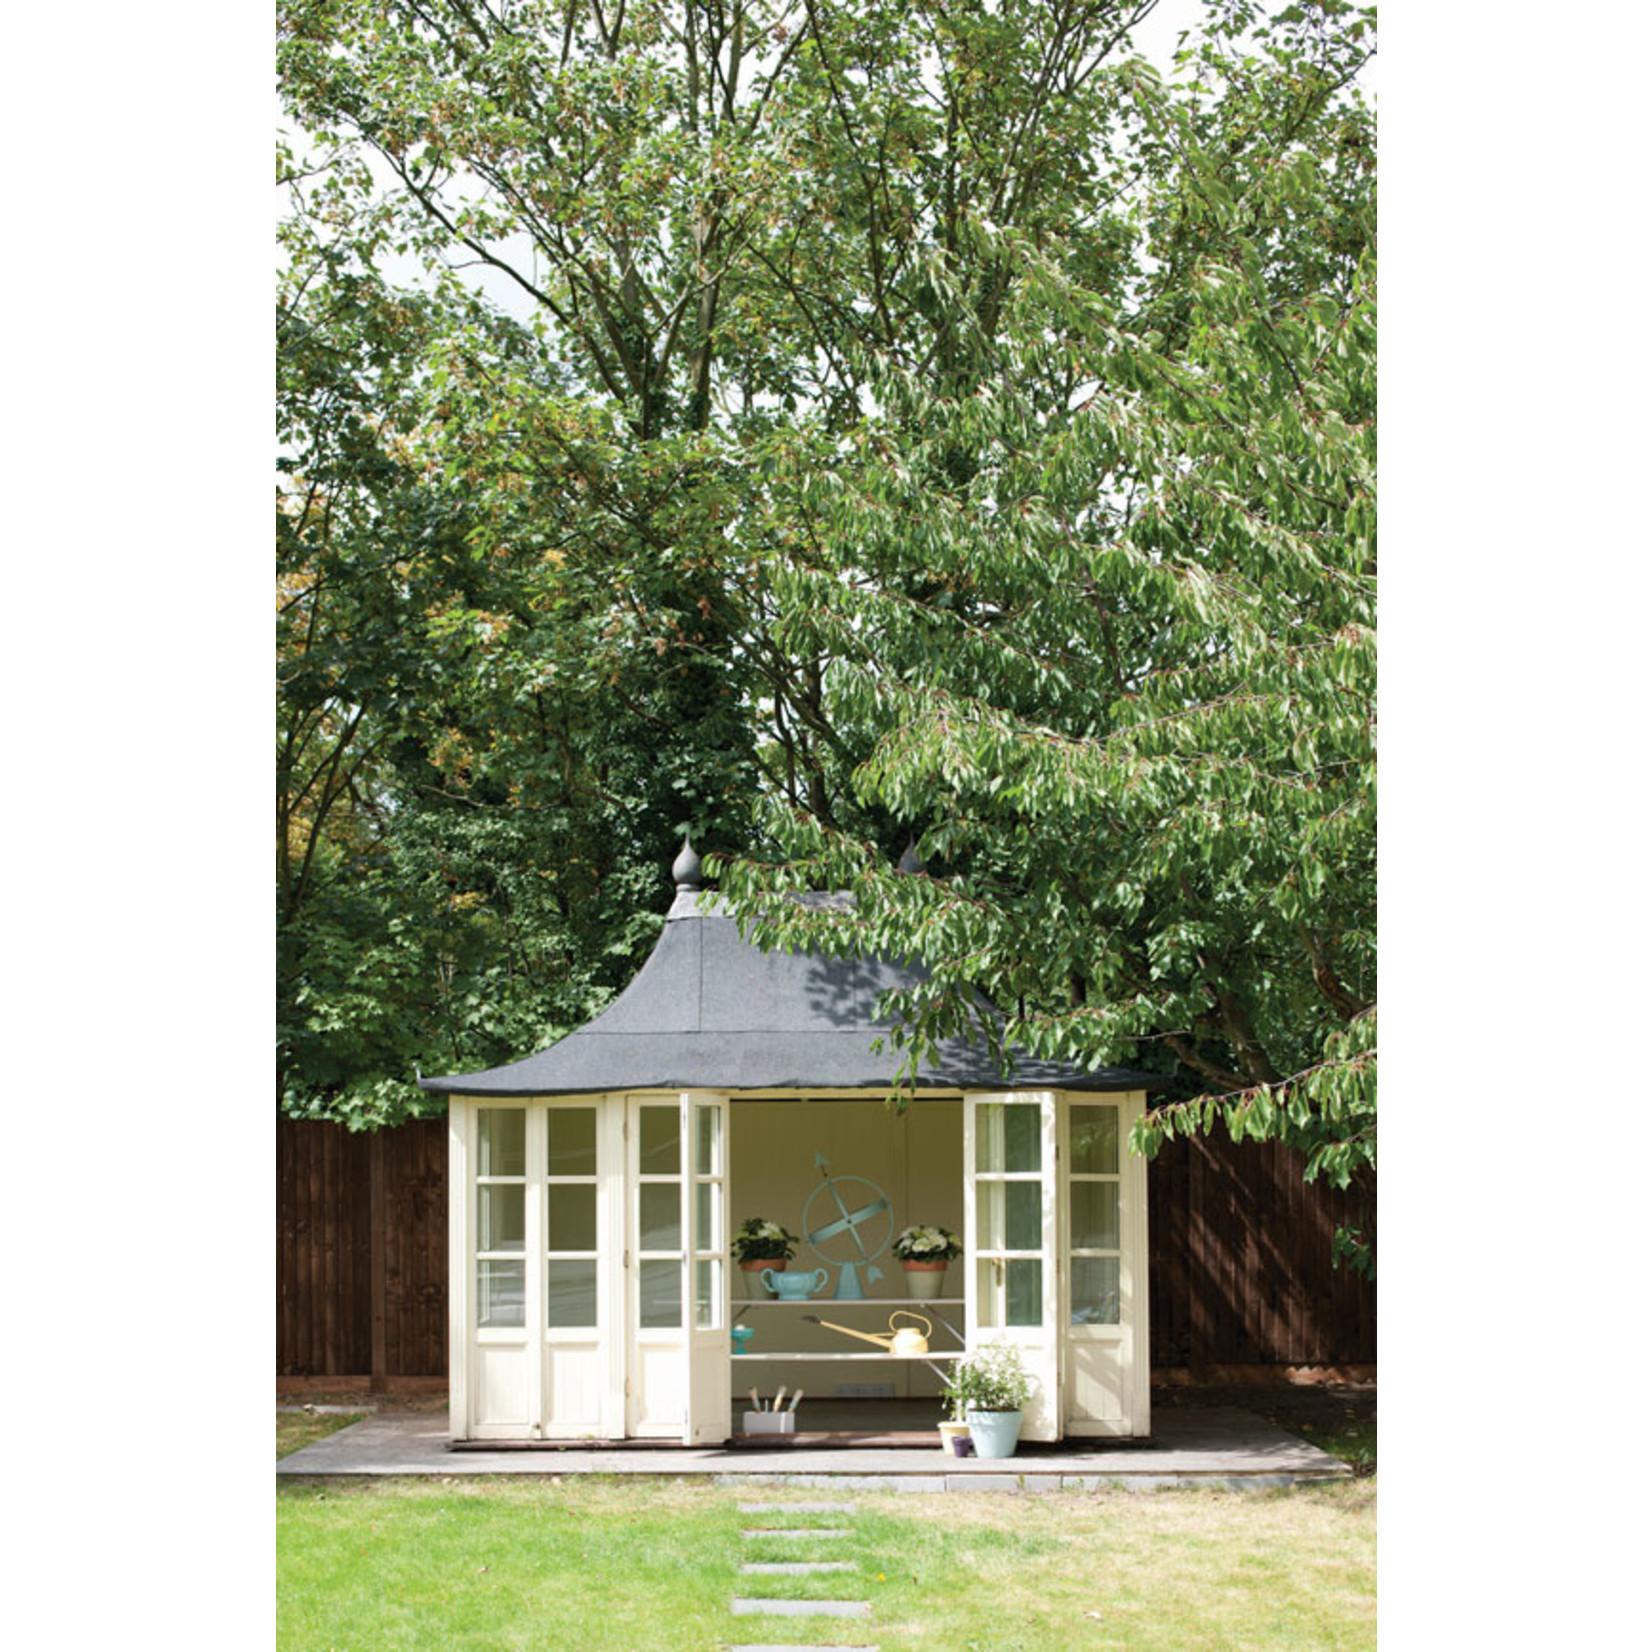 FARROW & BALL HOUSE WHITE - No. 2012